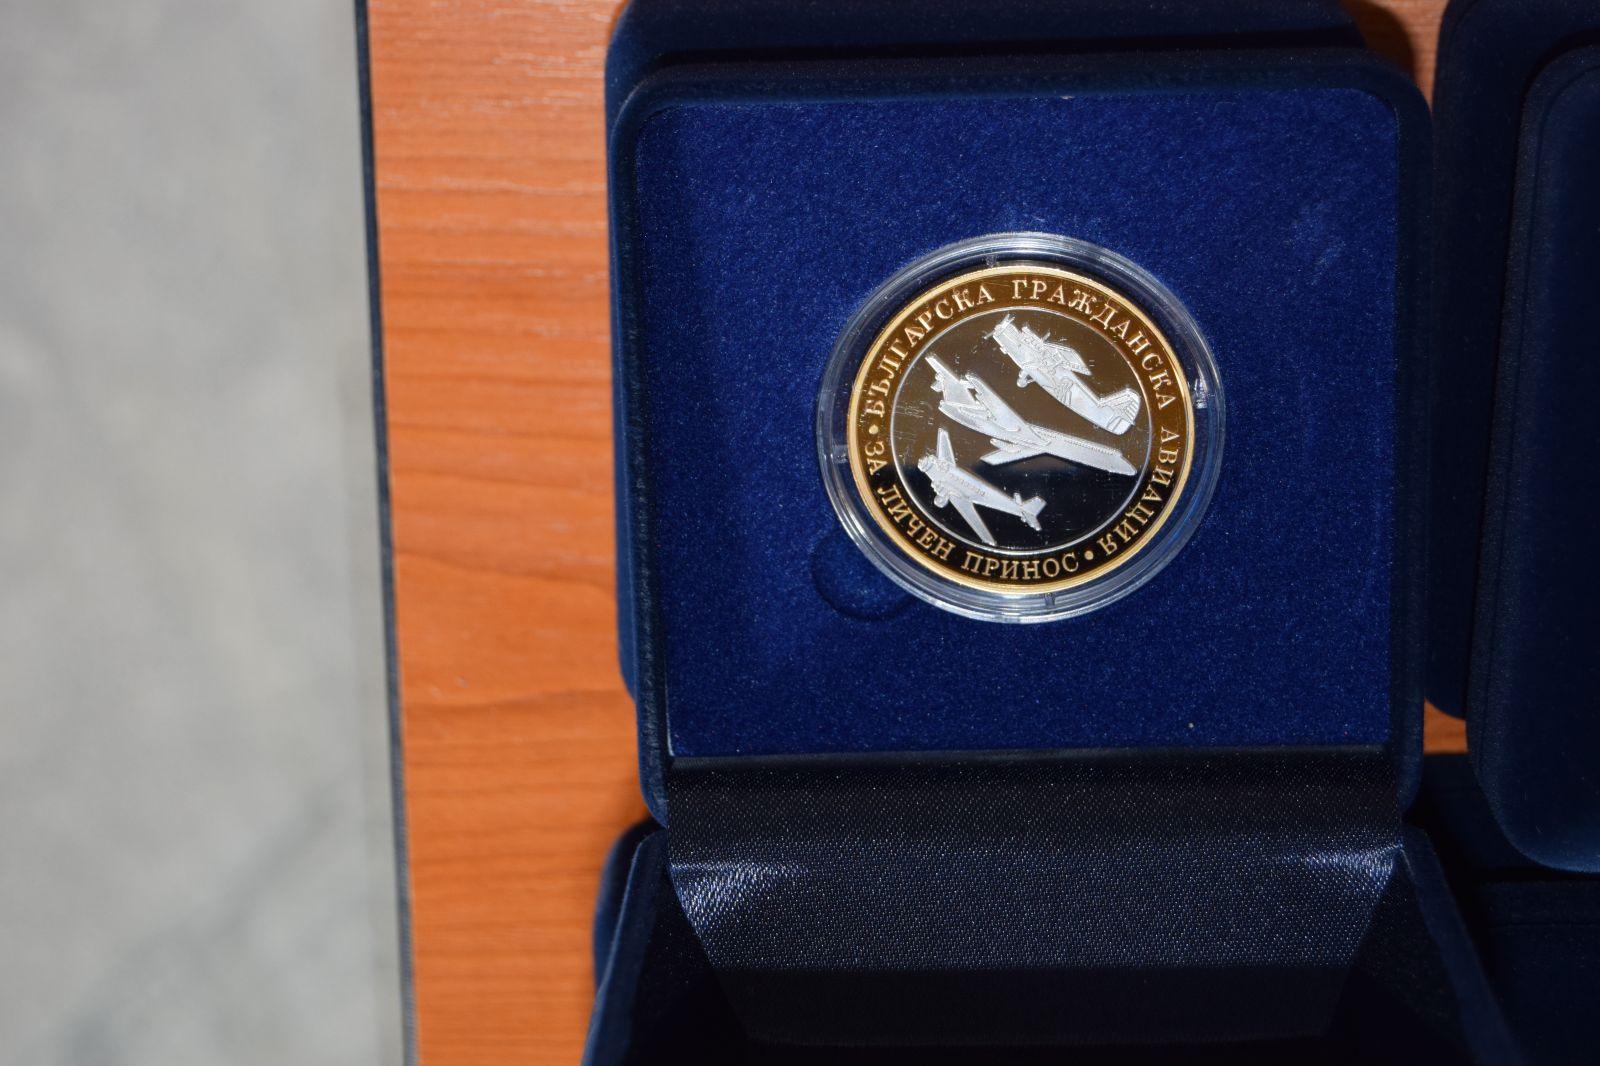 Приемственост на поколенията и признание и почит към ветераните от Българска гражданска авиация (БГА) Част 1 90-годишните юбиляри (ГОЛЯМА АВИАЦИООННА ГАЛЕРИЯ)